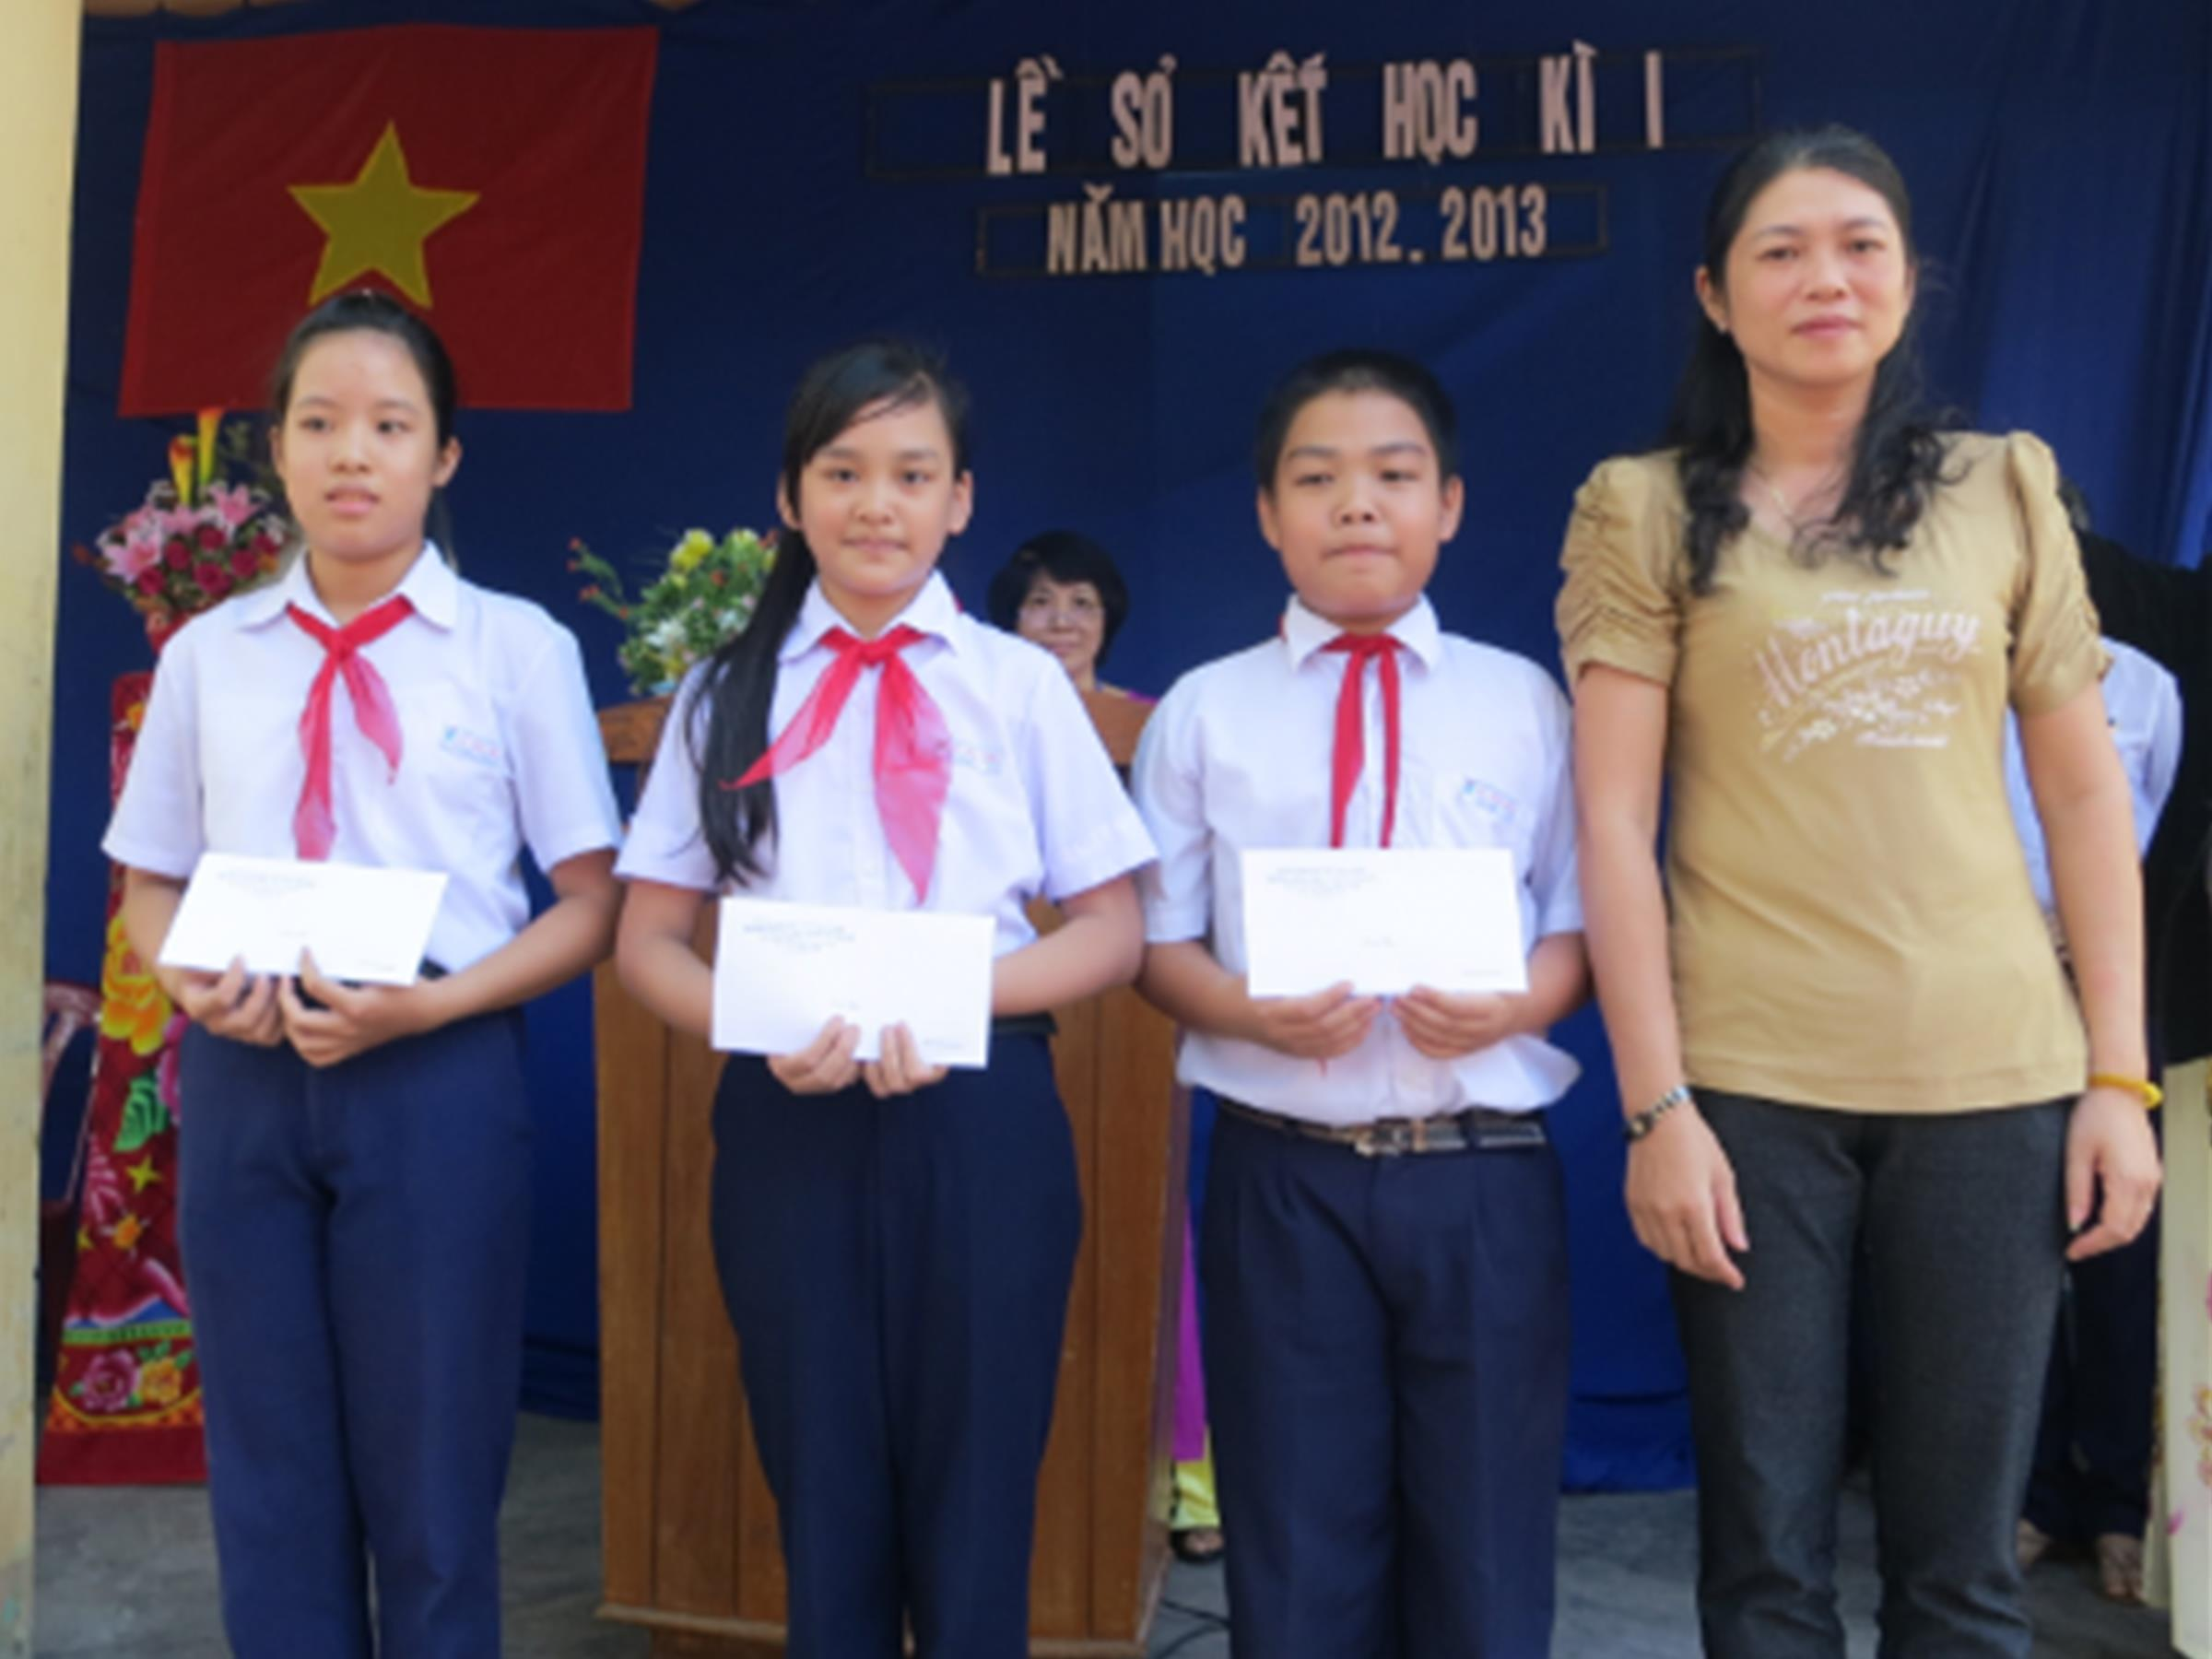 Lễ Sơ Kết Học Kỳ I Năm Học 2012 – 2013